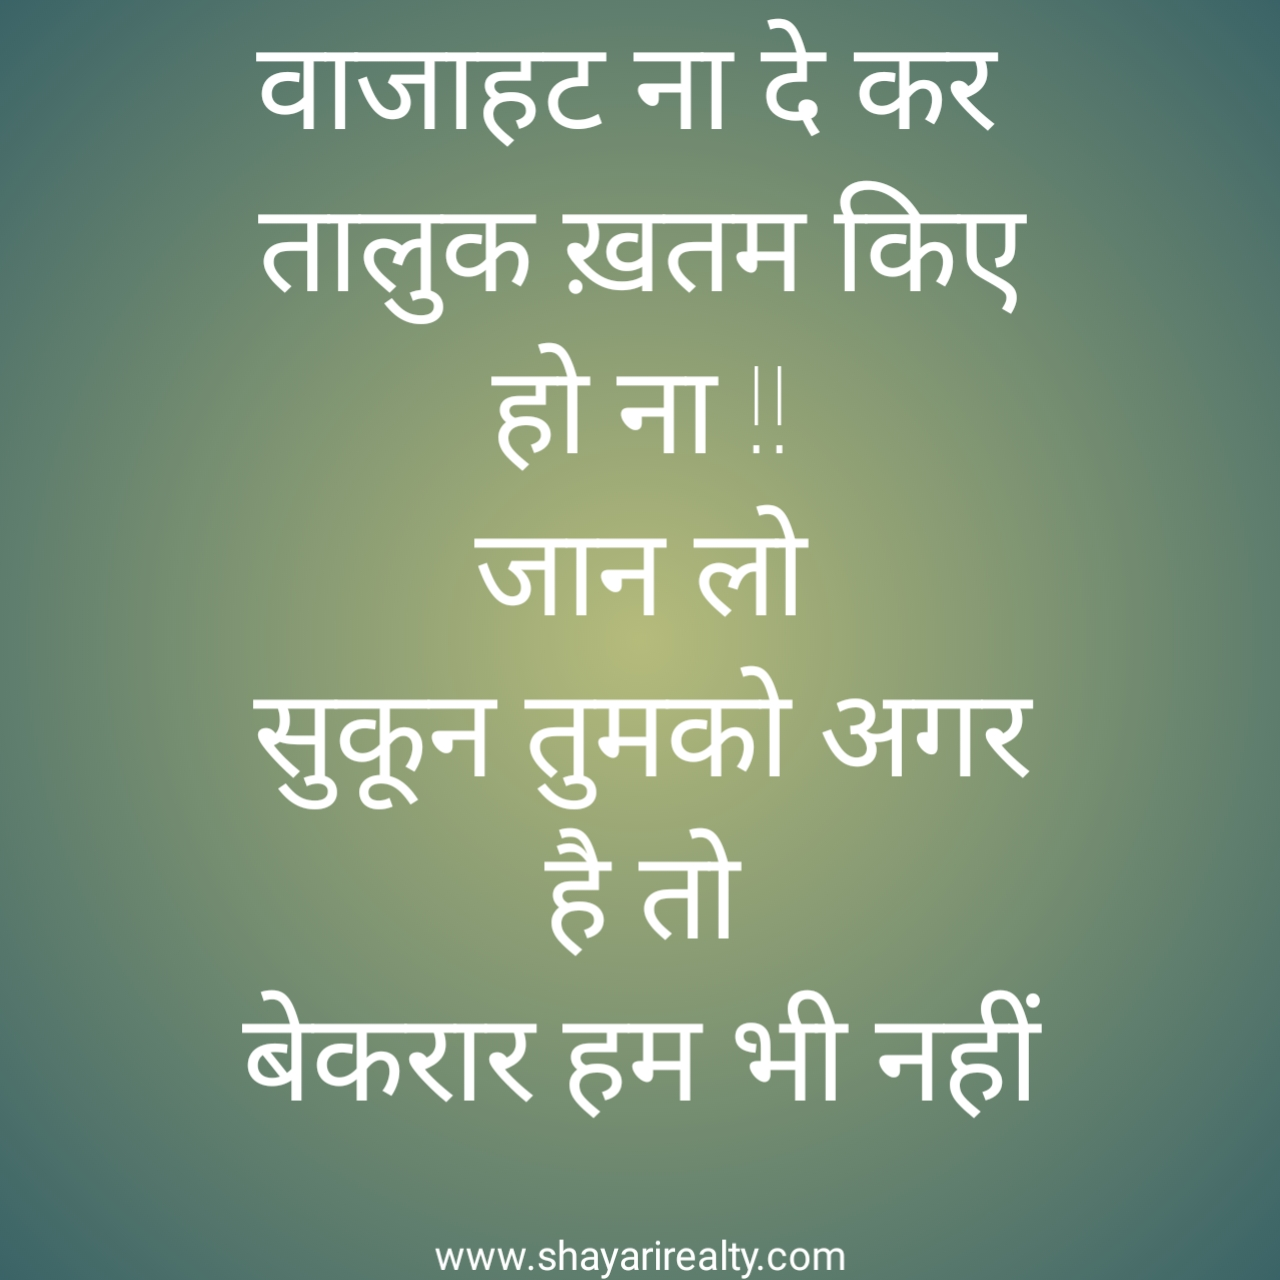 Shayari, Attitude shayari in Hindi, Attitude shayari